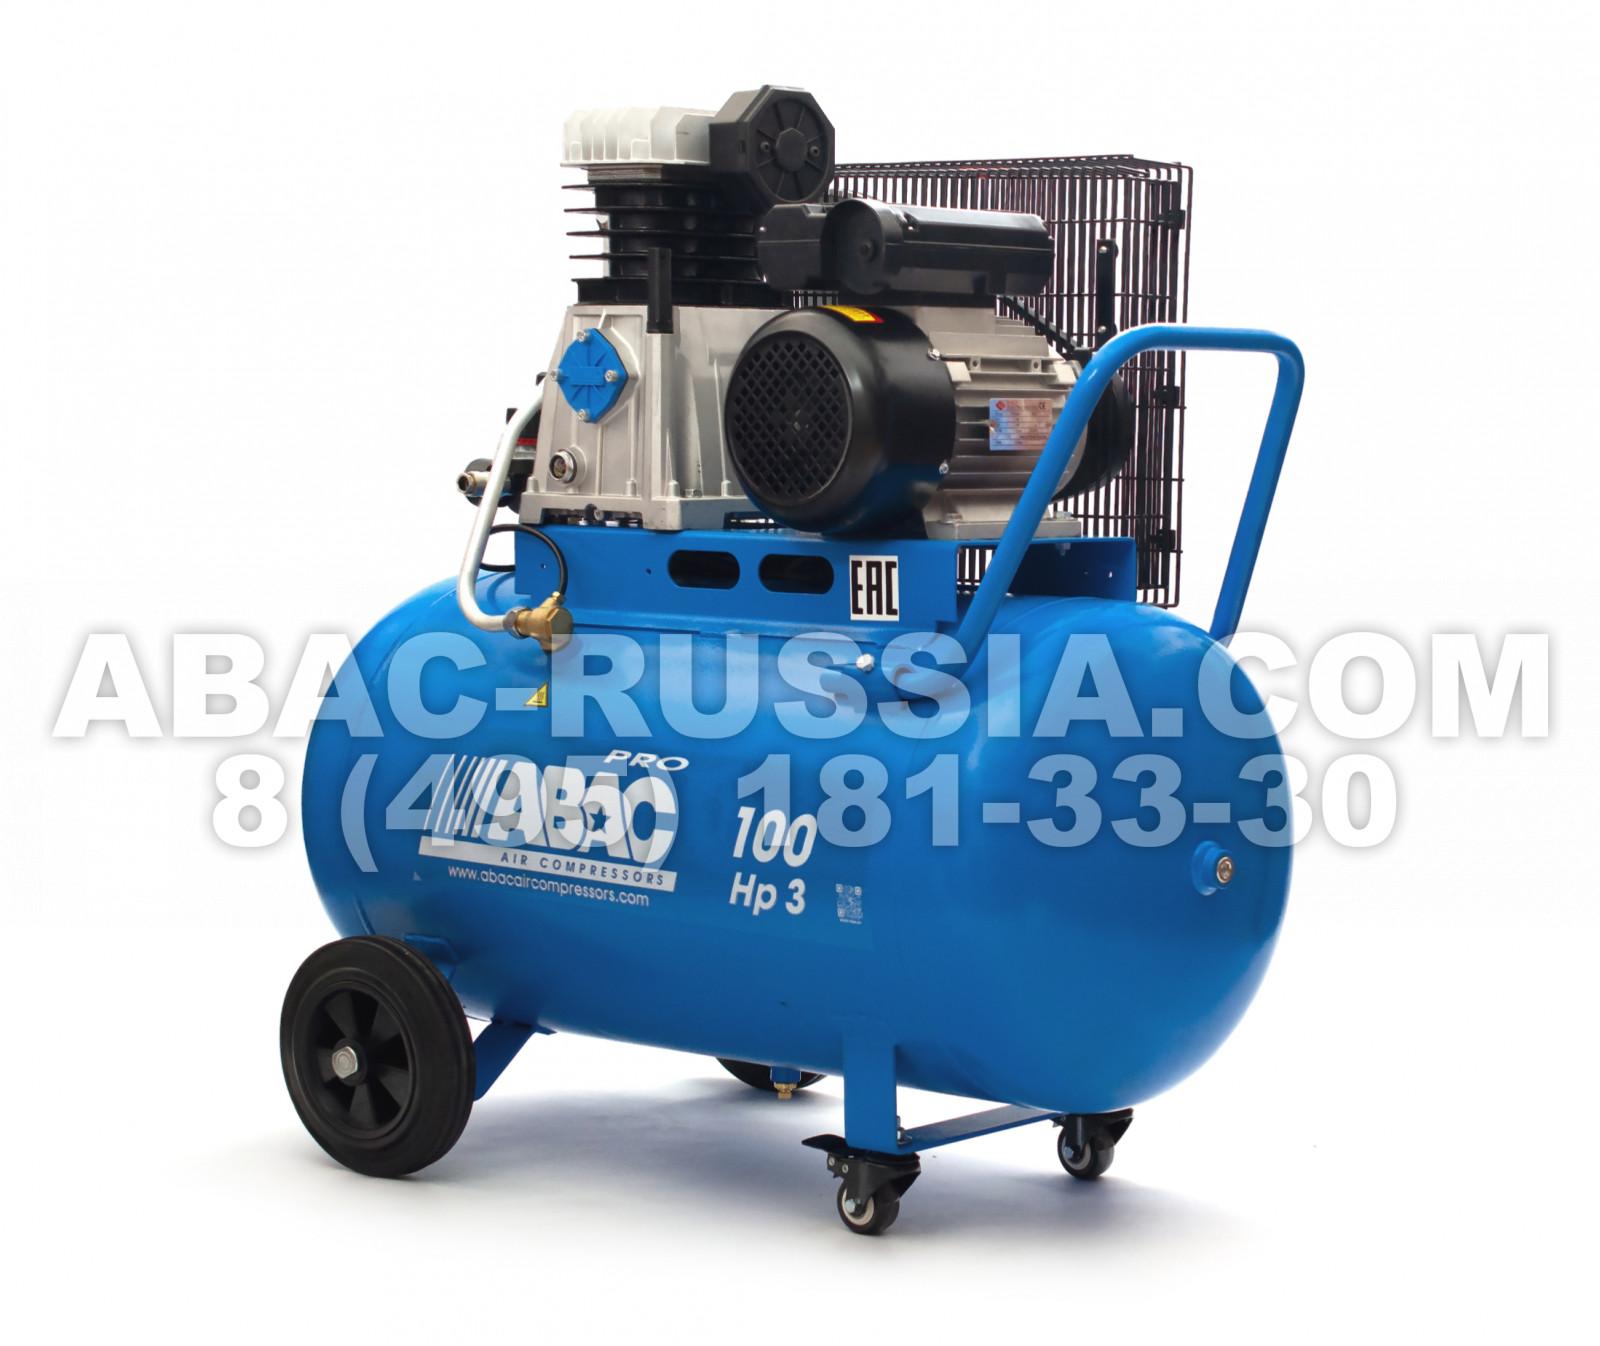 Поршневой компрессор ABAC А39 100 СМ3 1129740113